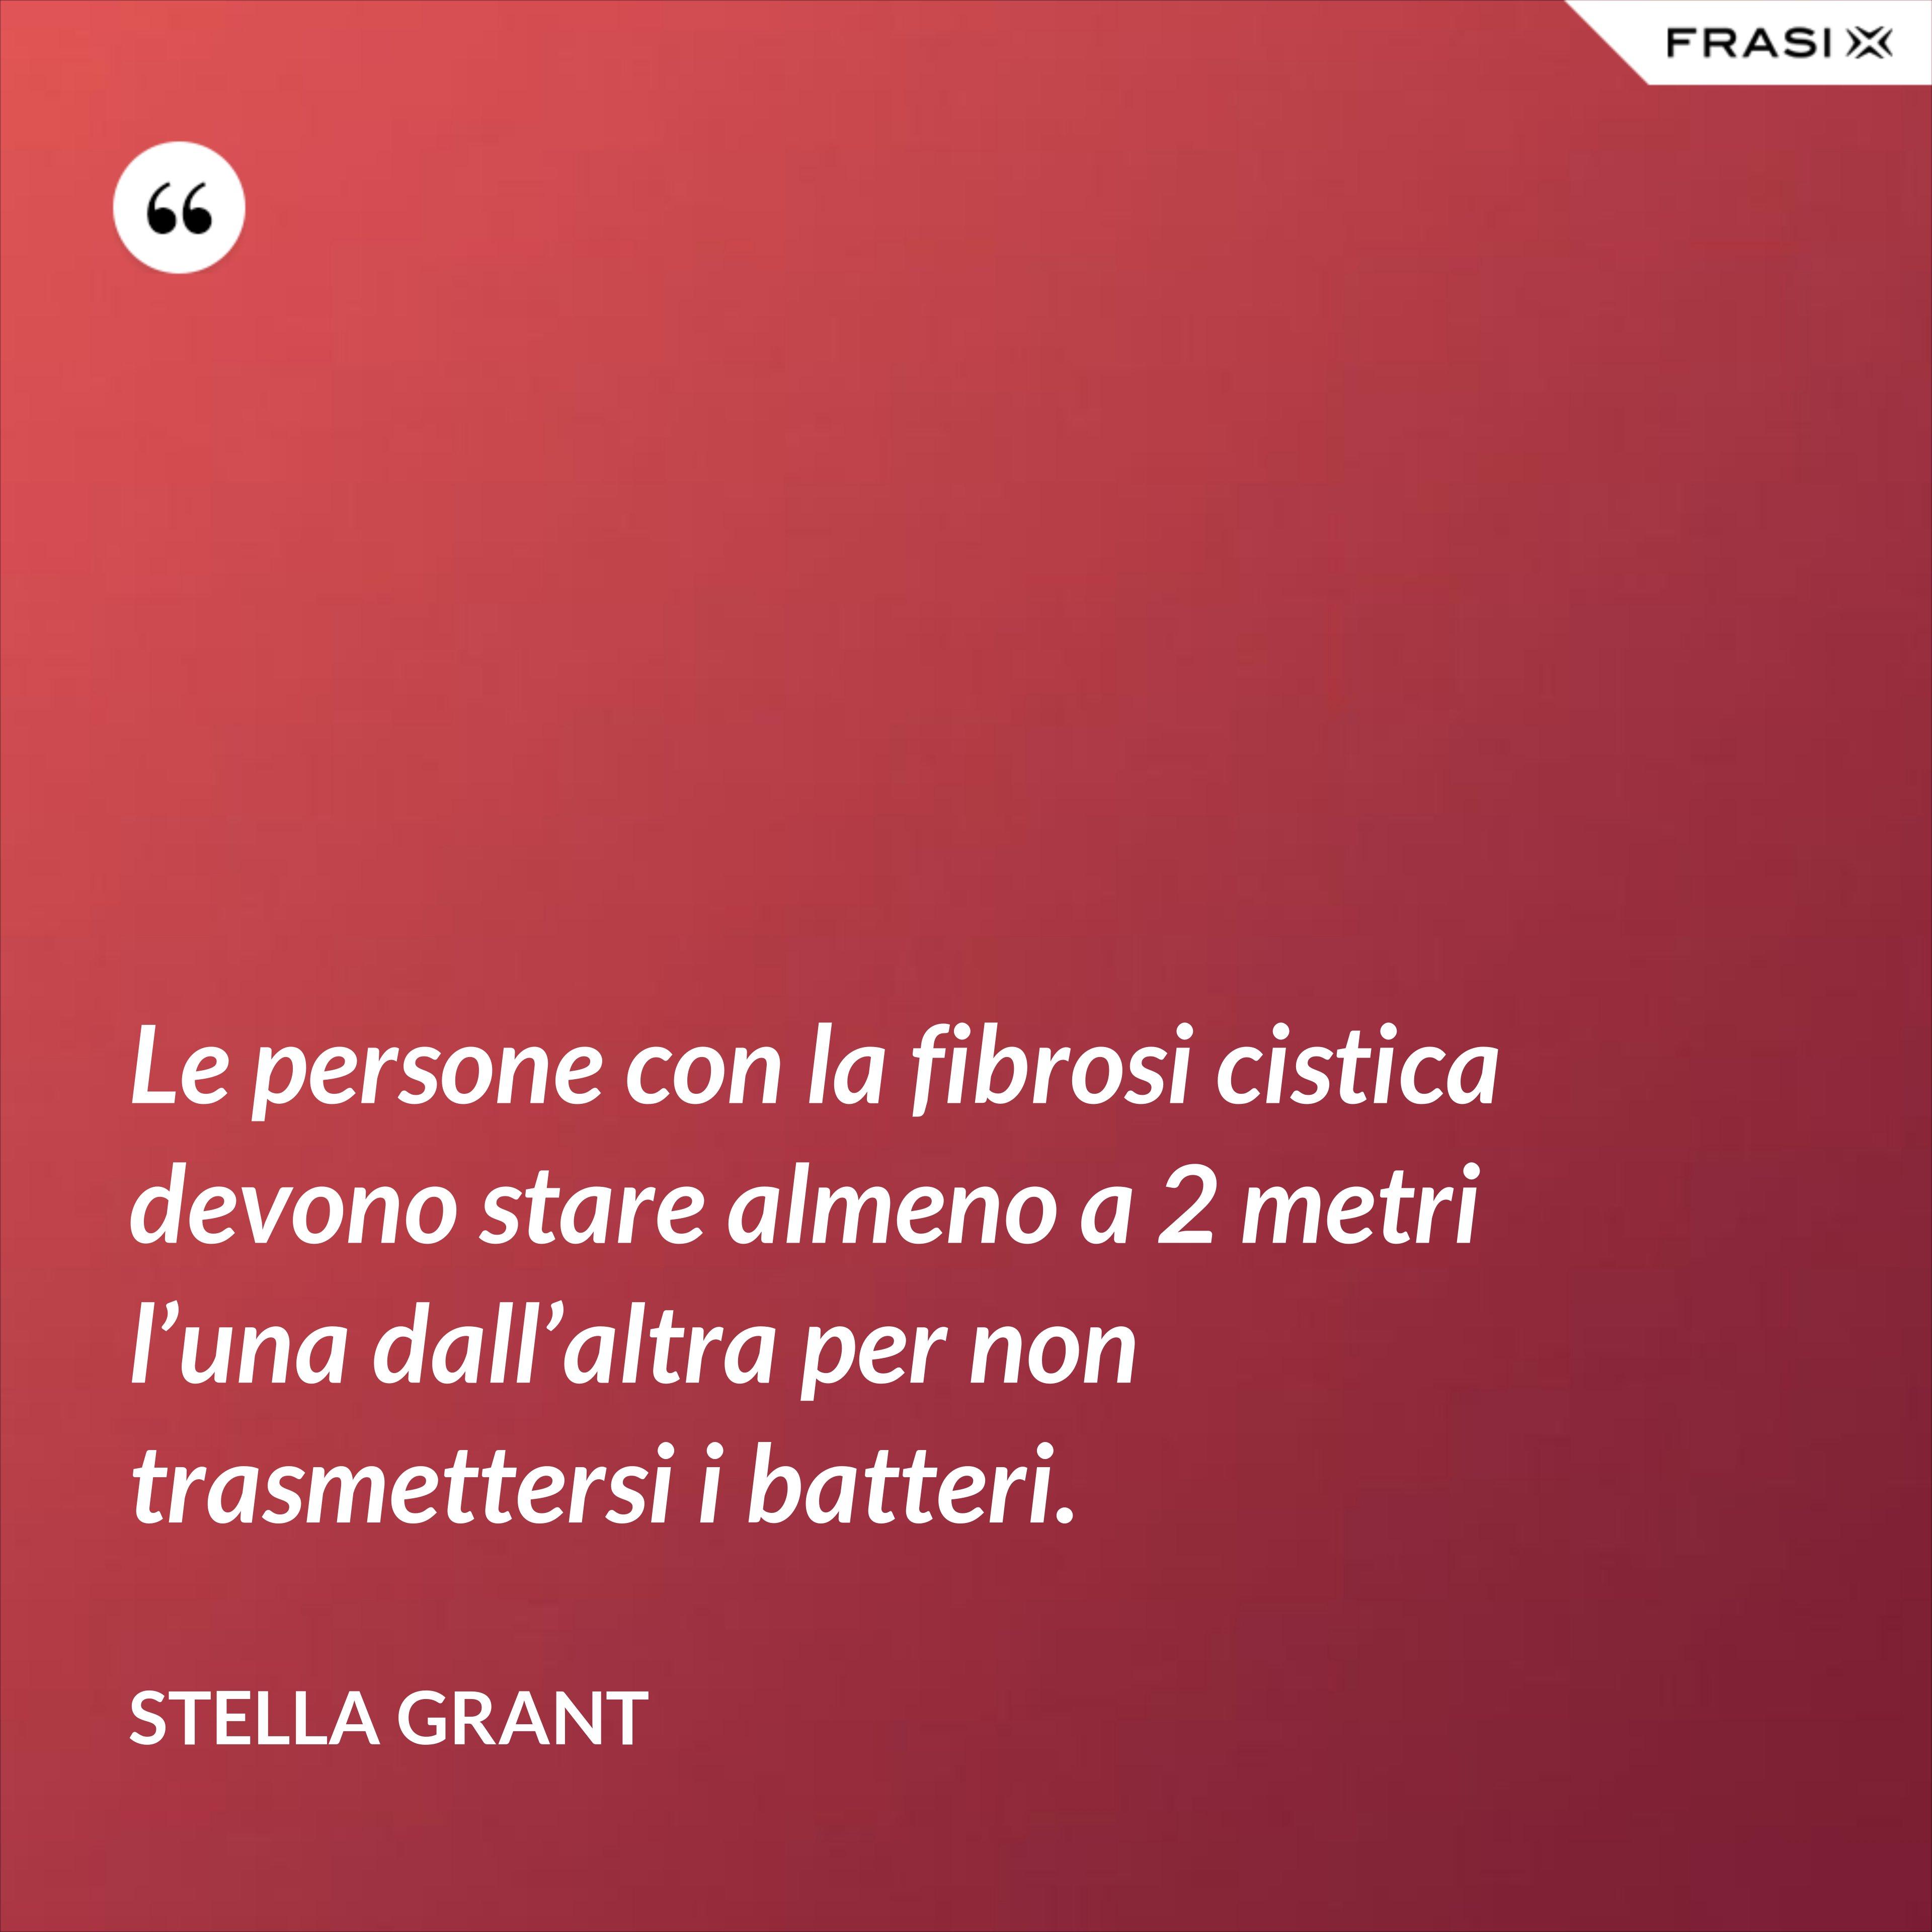 Le persone con la fibrosi cistica devono stare almeno a 2 metri l'una dall'altra per non trasmettersi i batteri. - Stella Grant